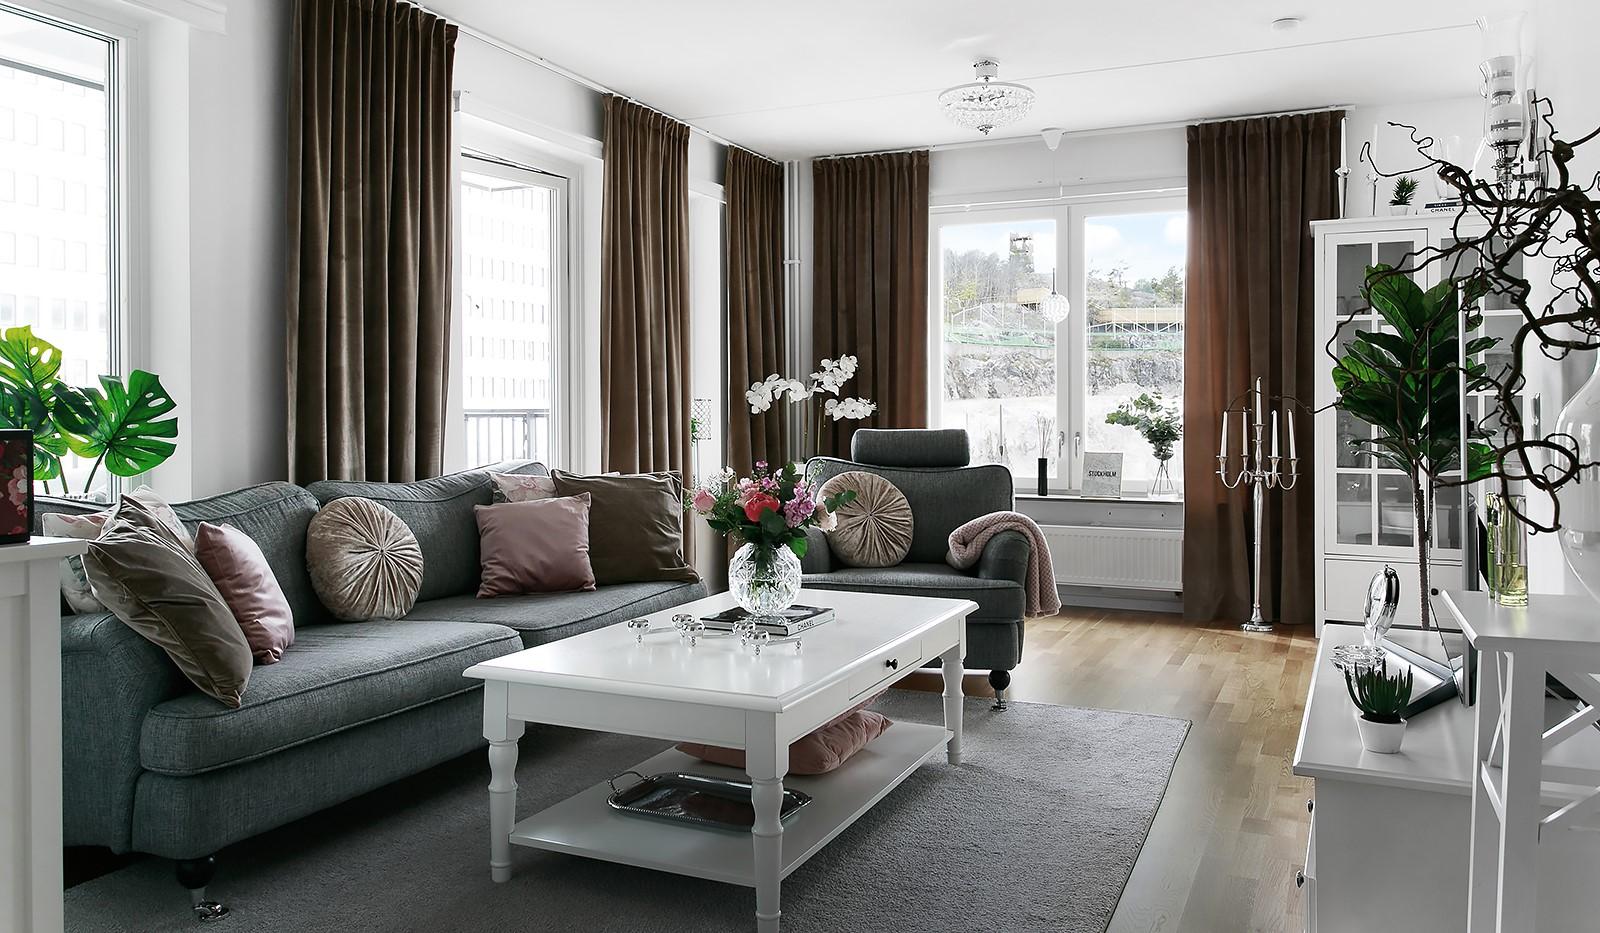 Oskarslundsbacken 13, 2tr - Trivsamt vardagsrum med plats för en ordentlig soffgrupp